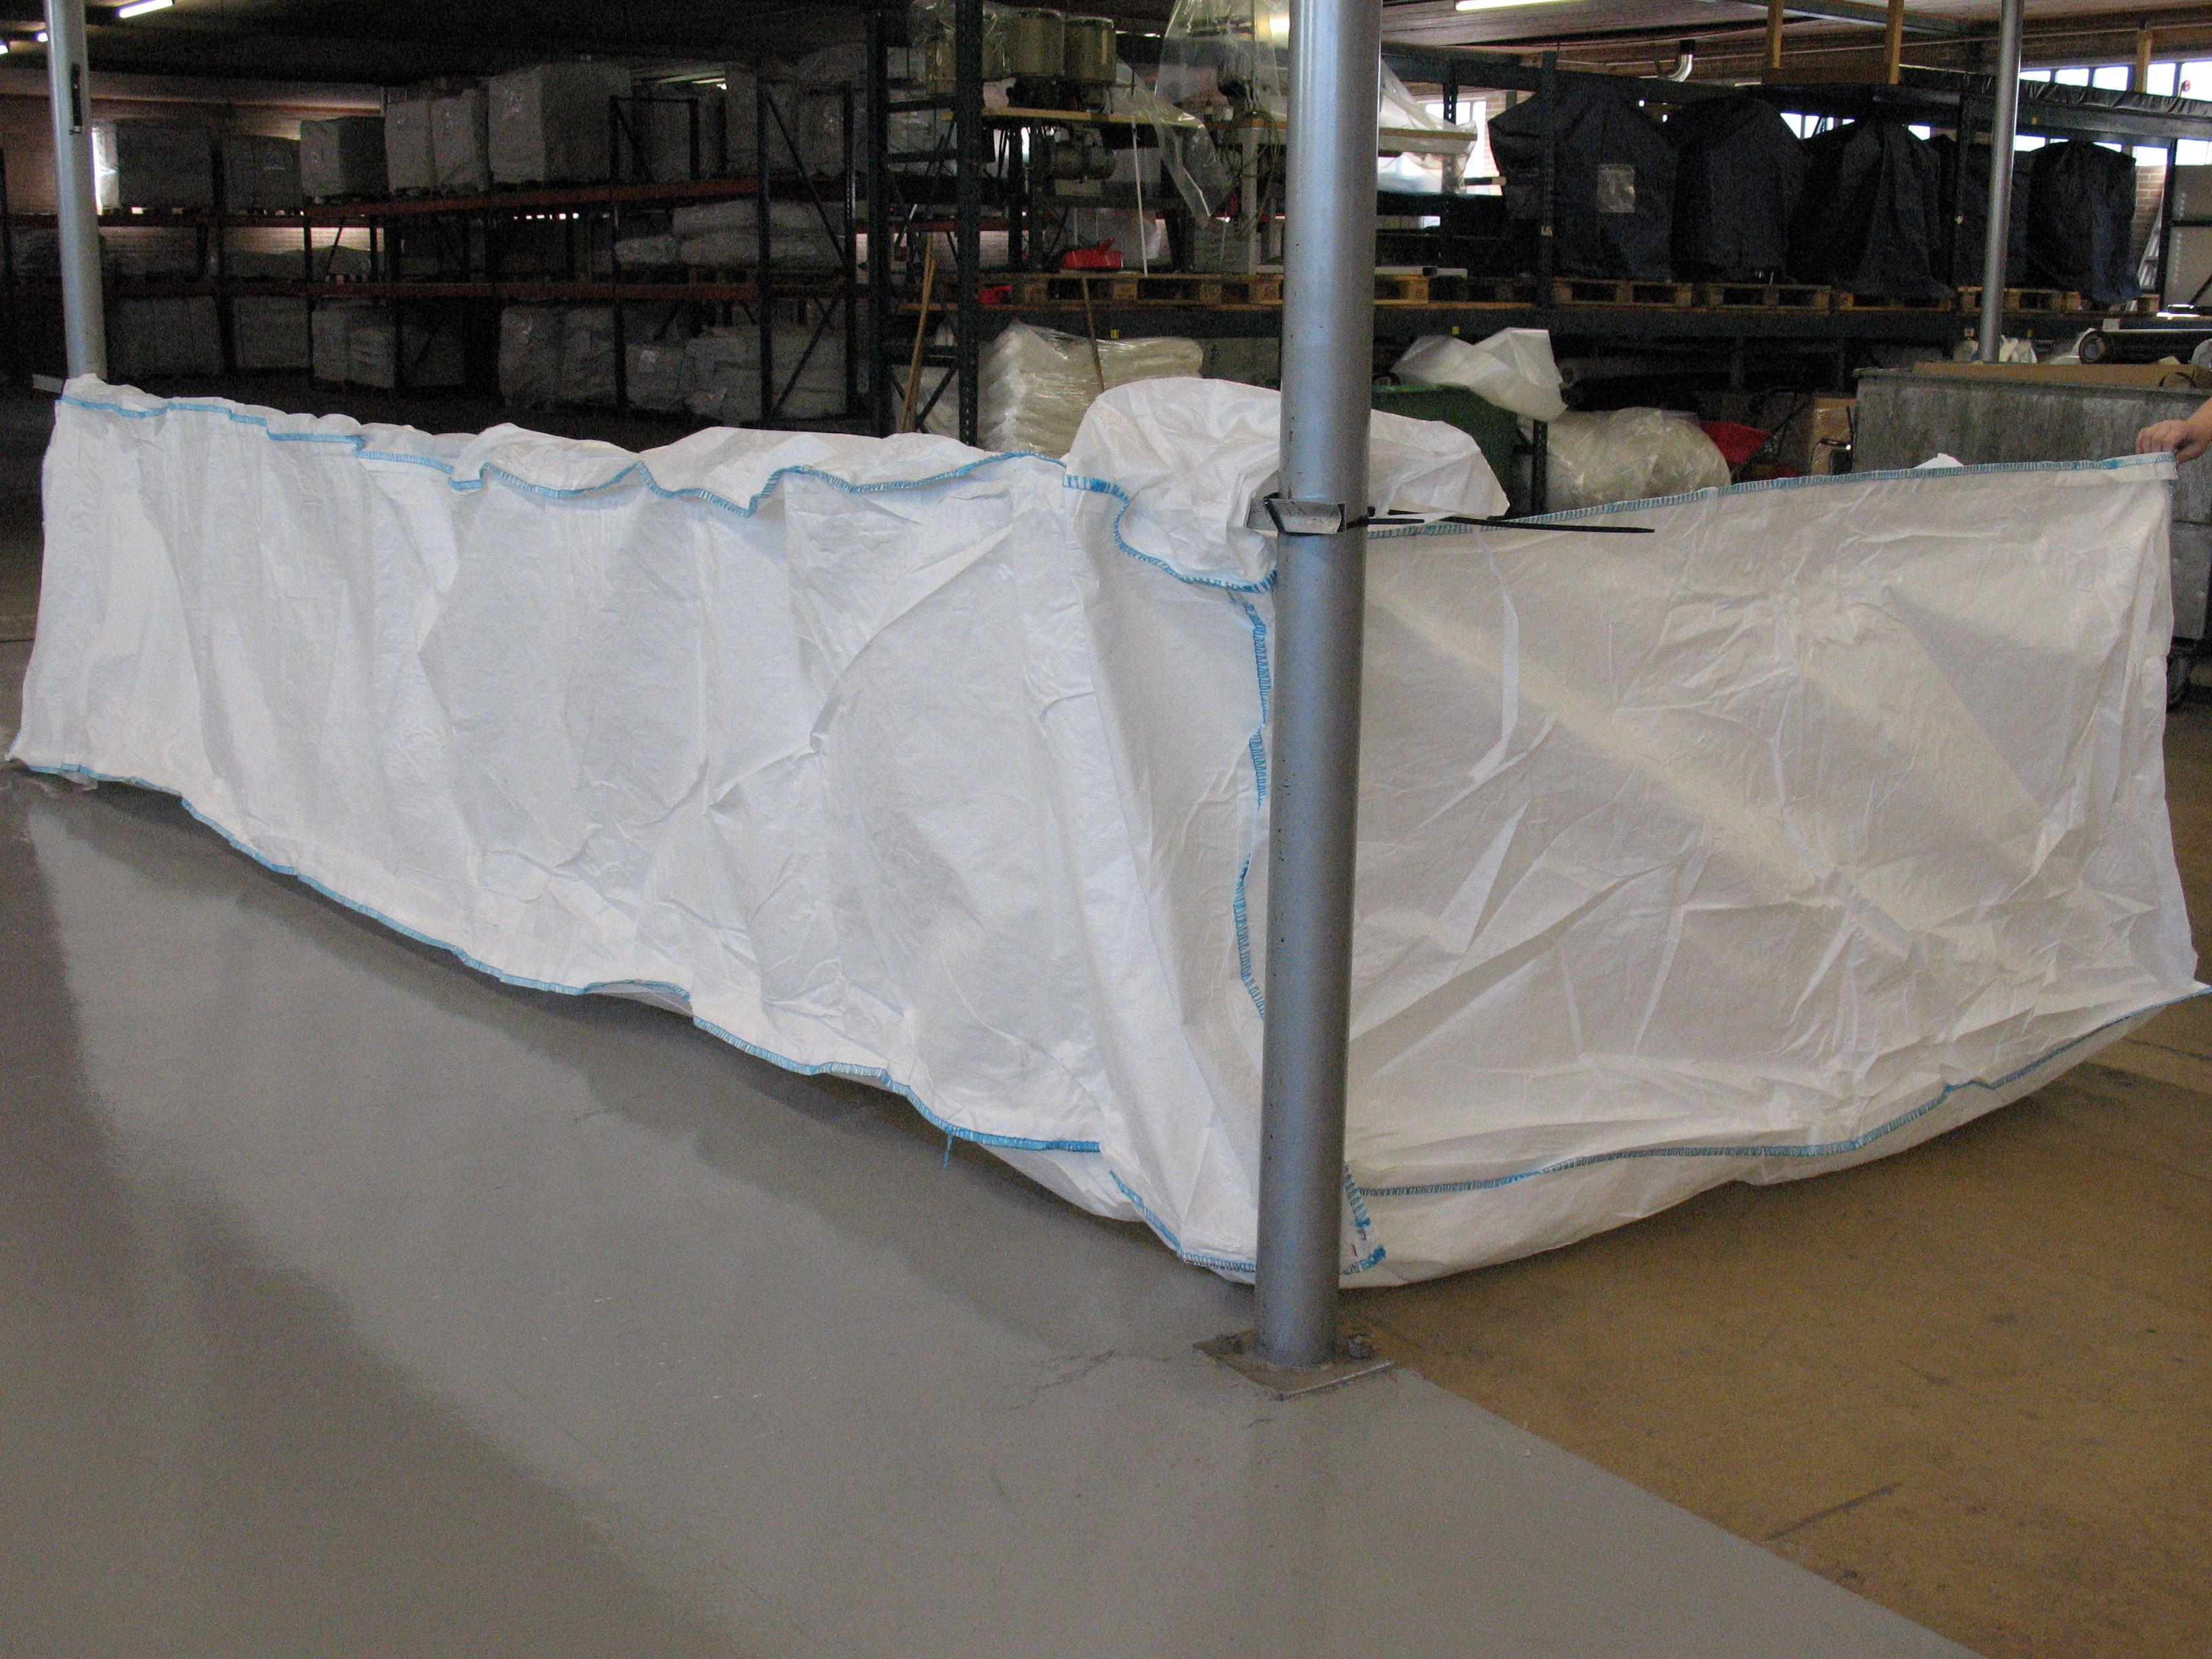 big bag abmessungen 620 x 240 x 115 cm deponie kontainer inliner big bag big bag online shop. Black Bedroom Furniture Sets. Home Design Ideas